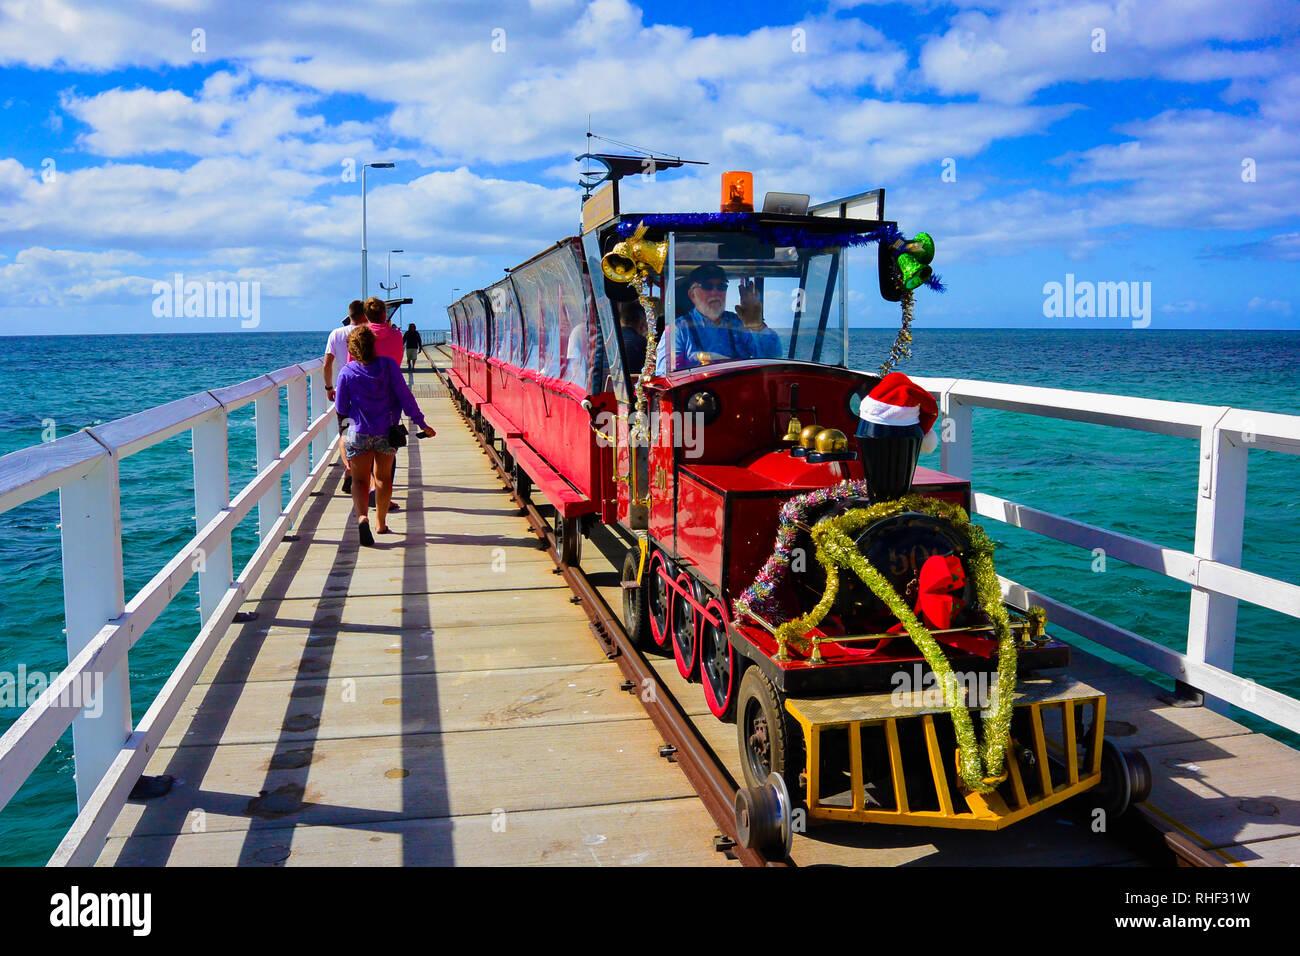 Colorido shot de sorprendente visión de navidad decorado tren el famoso embarcadero de Busselton, Australia Occidental, impulsada por un Santa Claus busca hombre viejo. Imagen De Stock